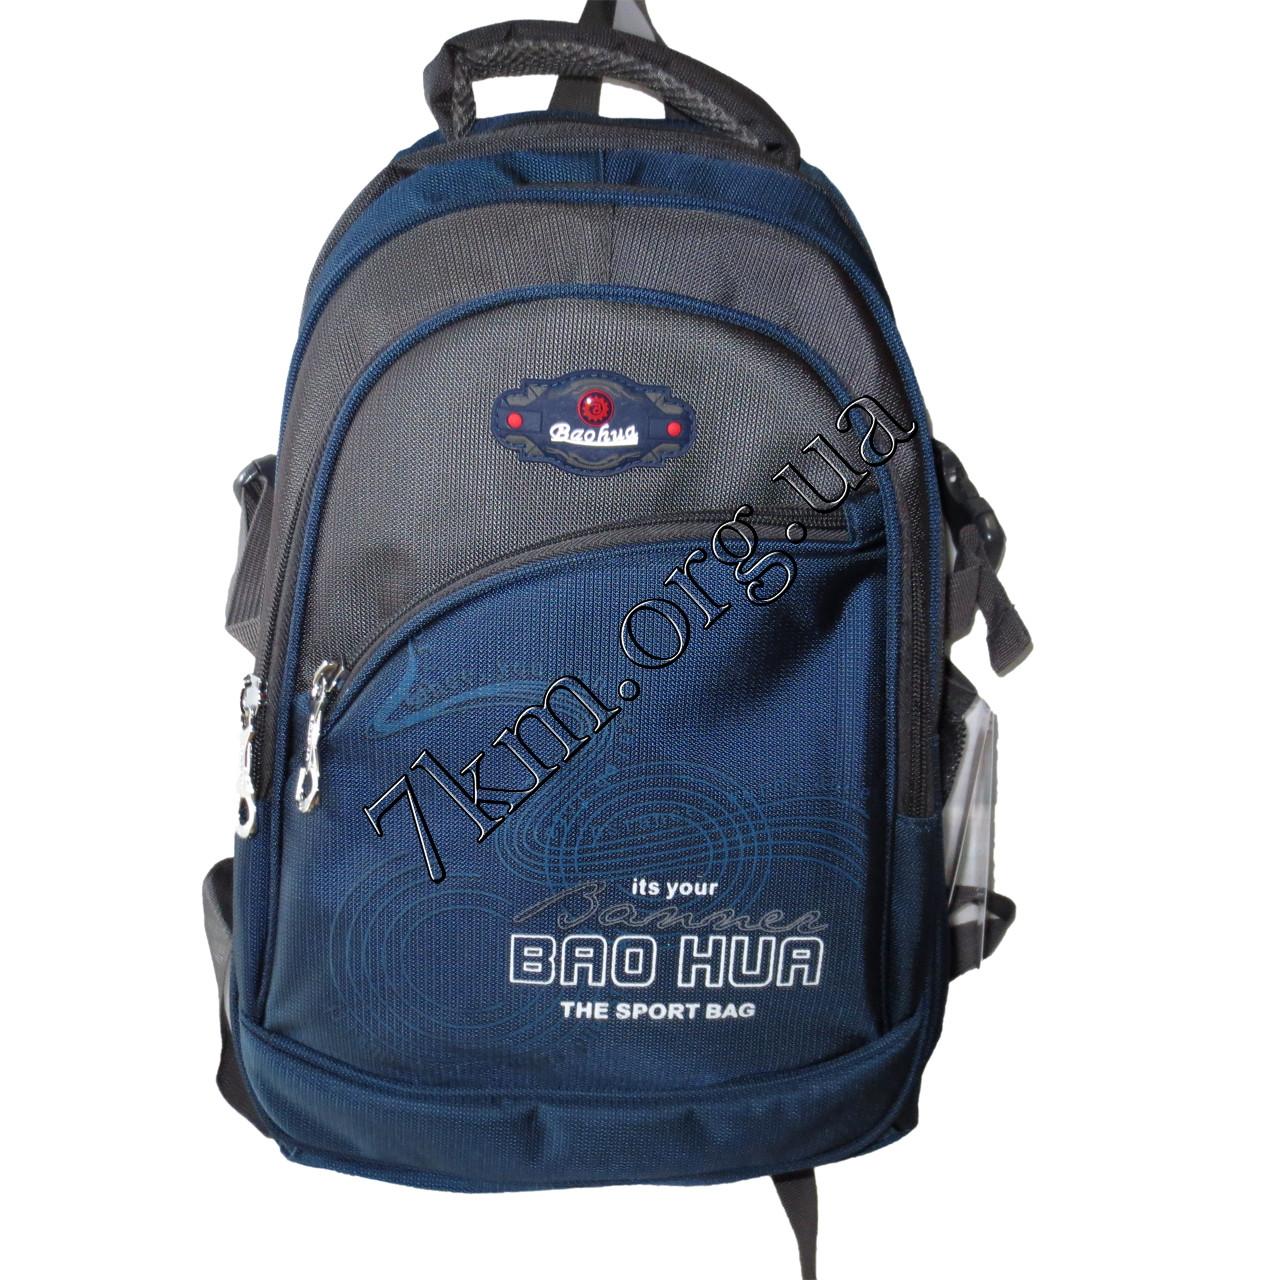 Шкільний рюкзак для хлопчиків Baohua CR 6373-3